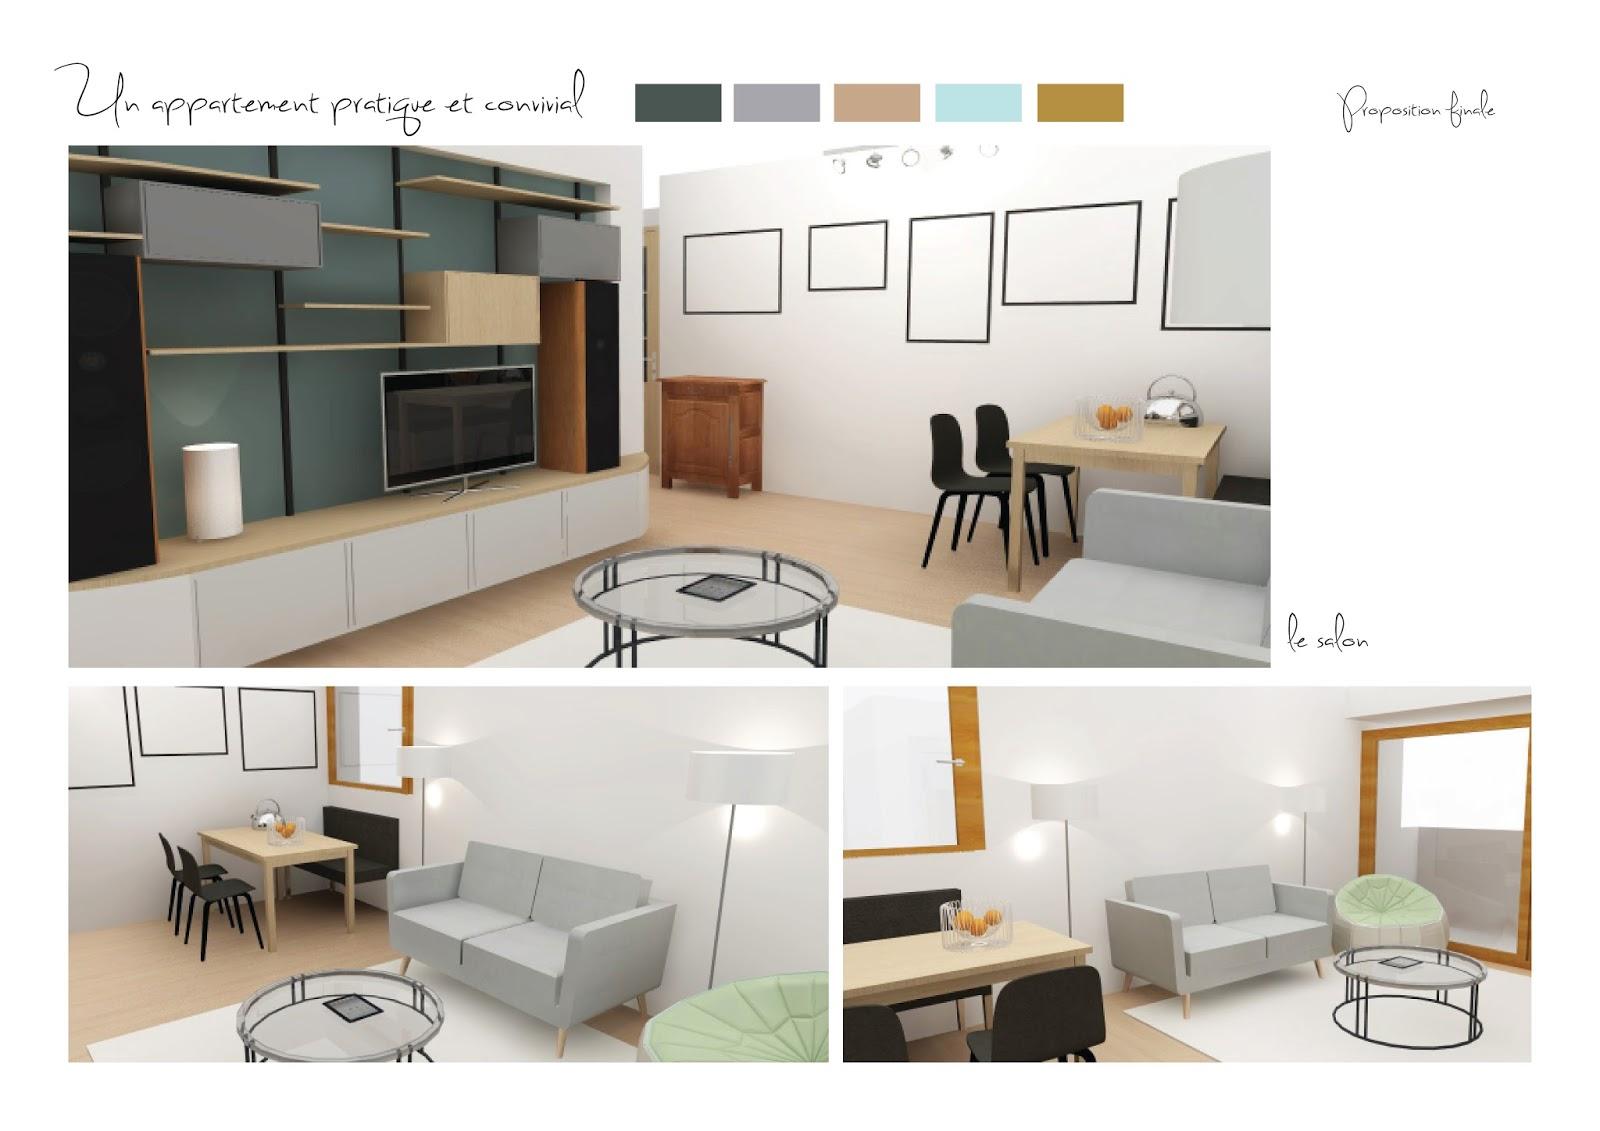 Adc l 39 atelier d 39 c t am nagement int rieur design d for Simulation 3d salon